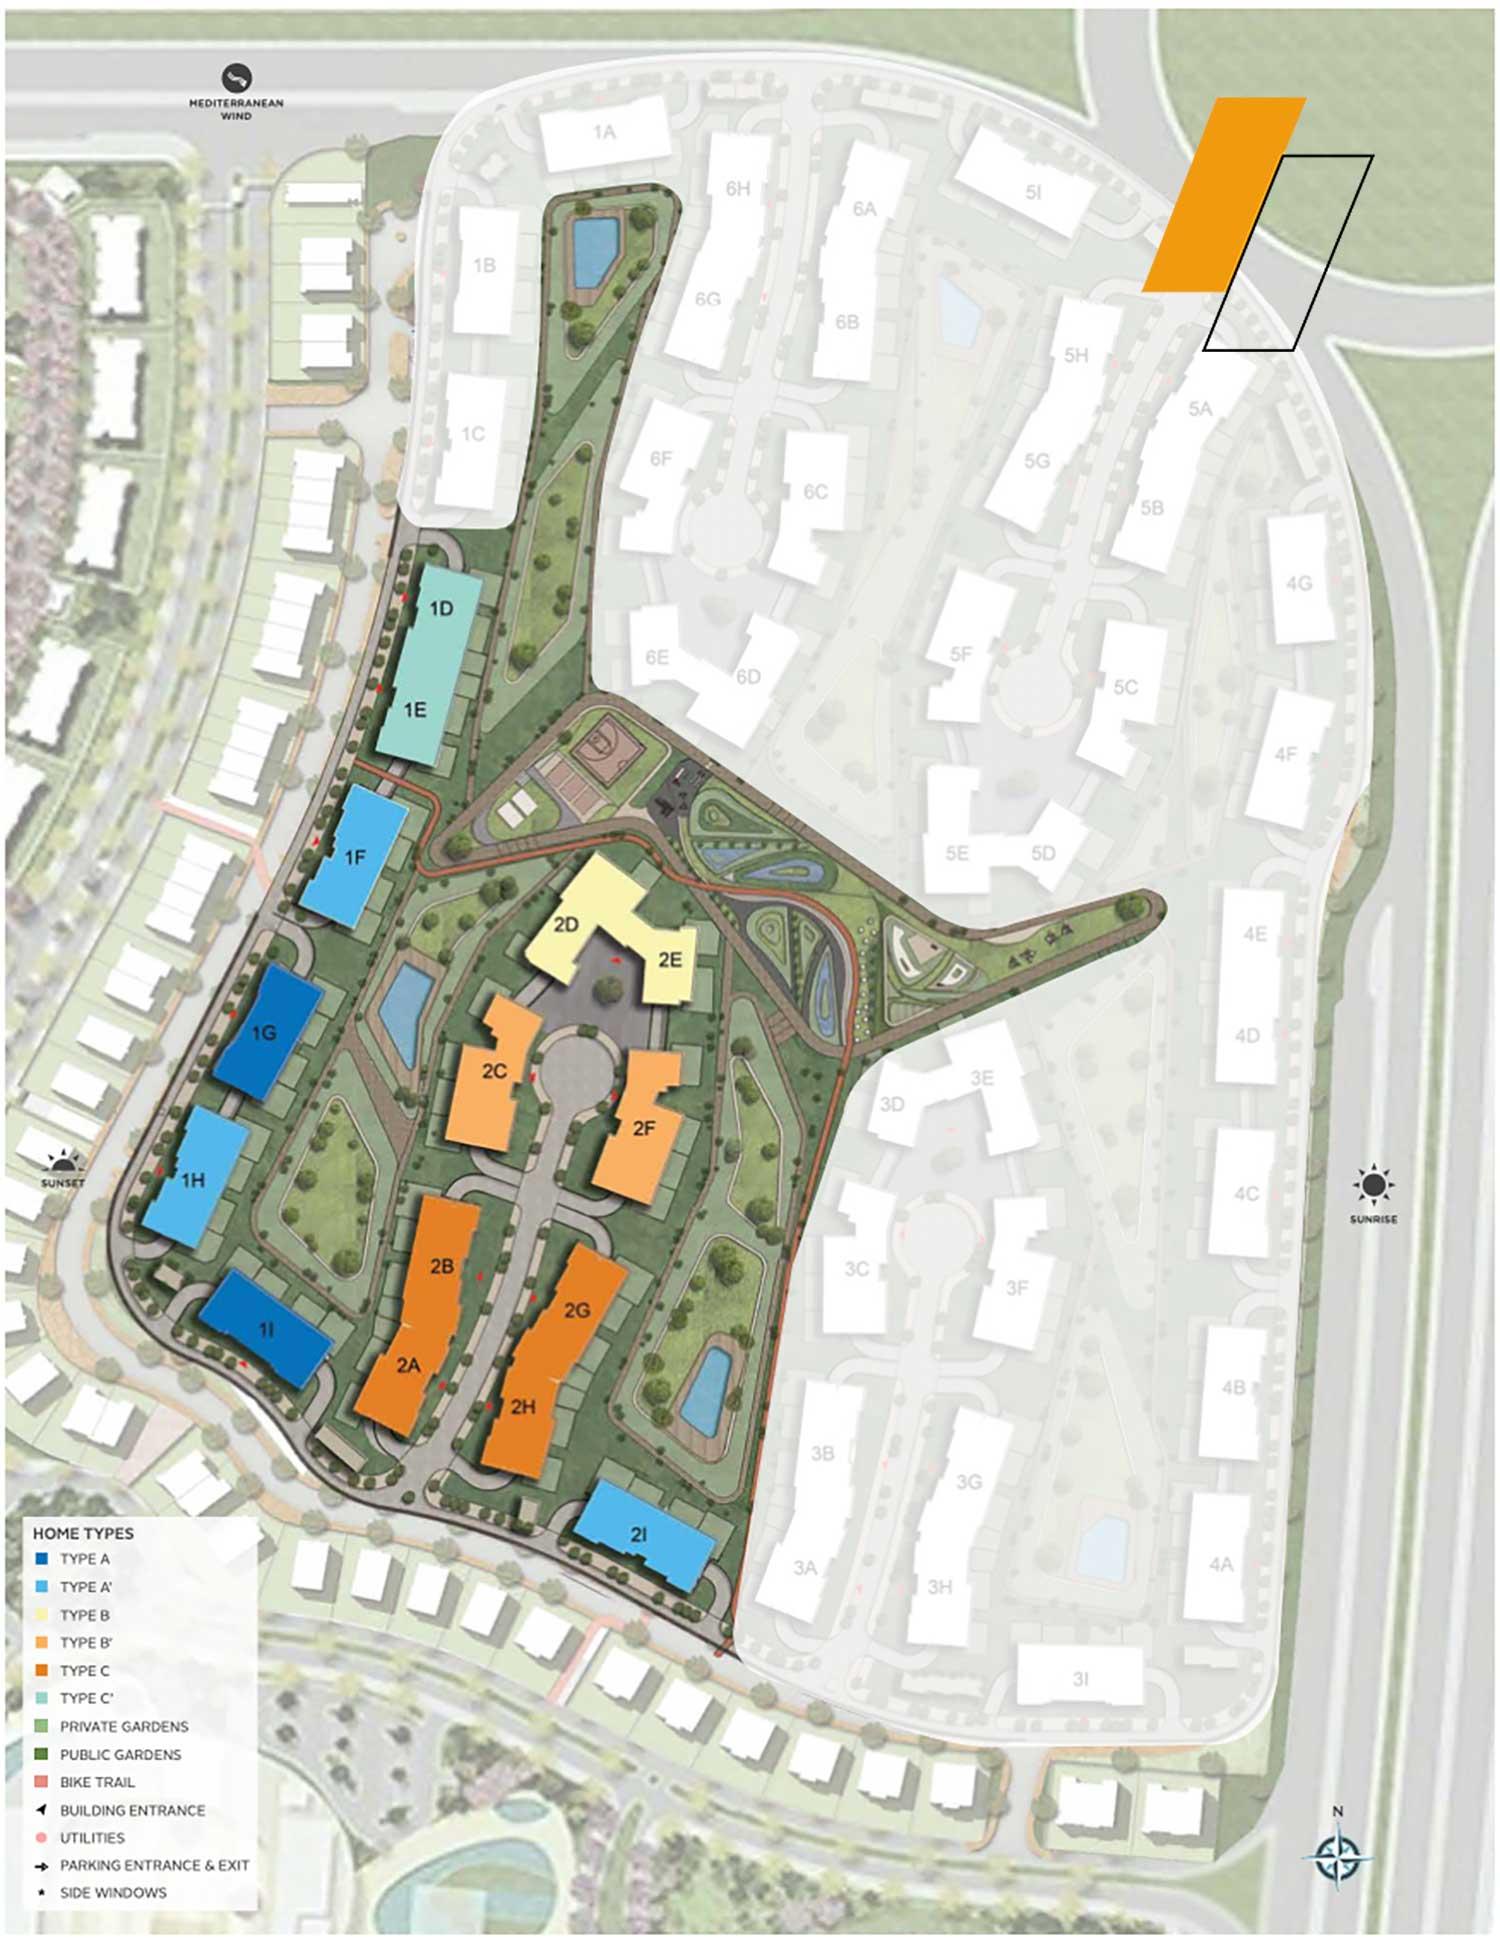 V Residence - Master plan image - Flash property                                                style=